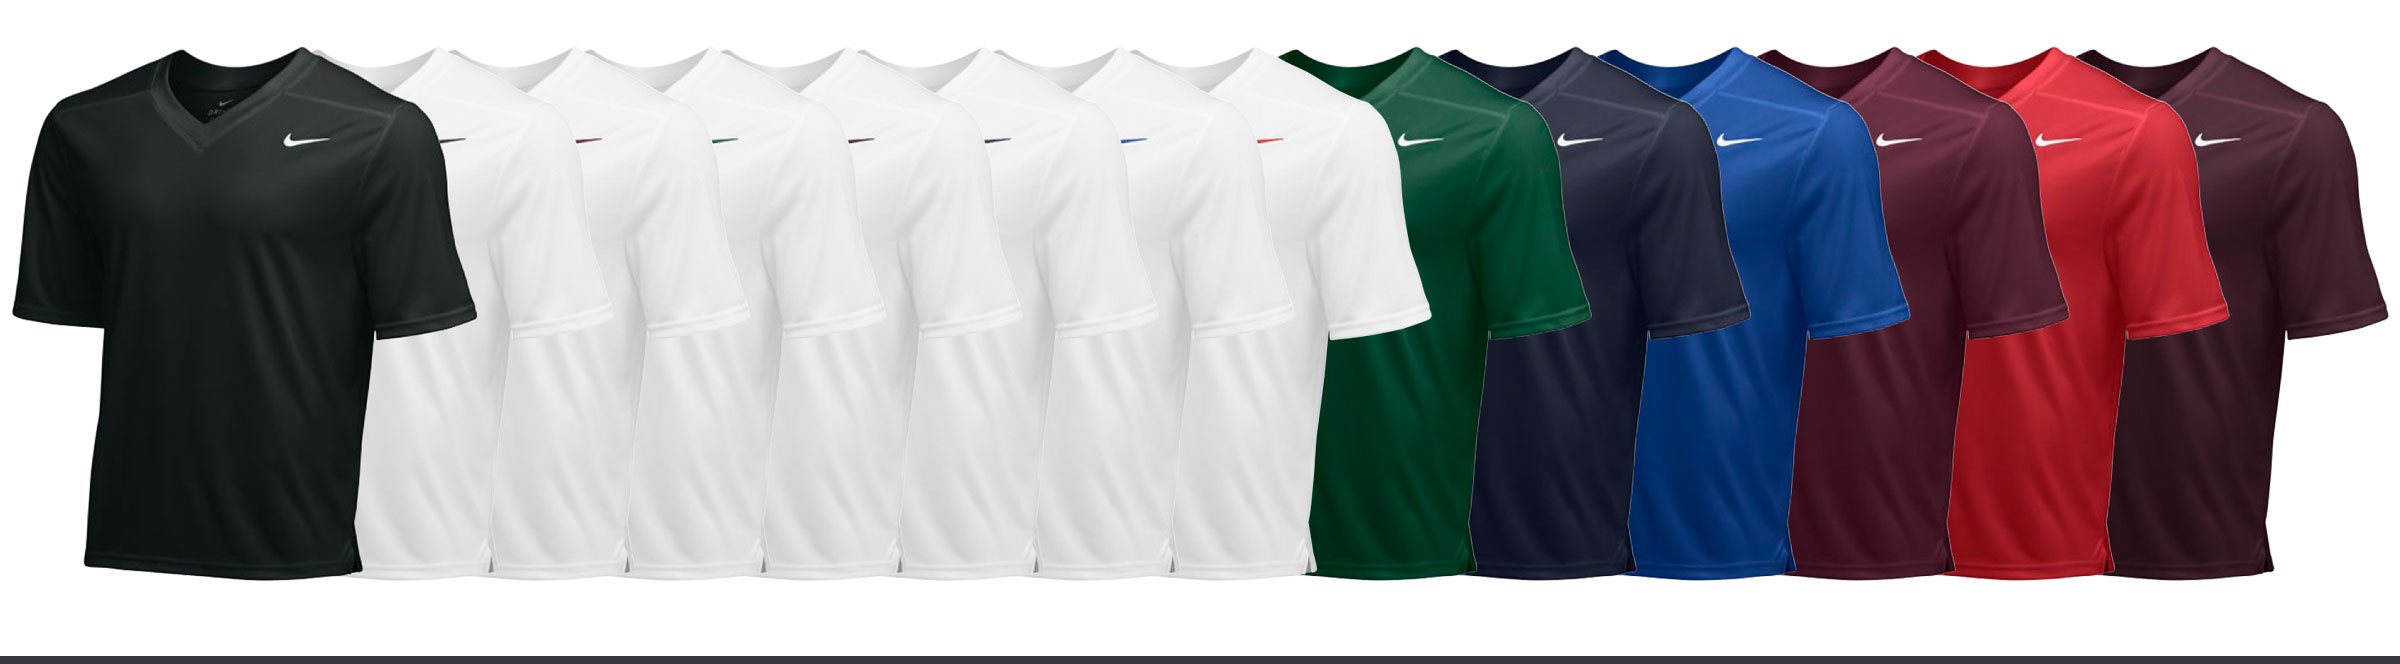 Custom Nike Untouchable Speed Core Lacrosse Jerseys